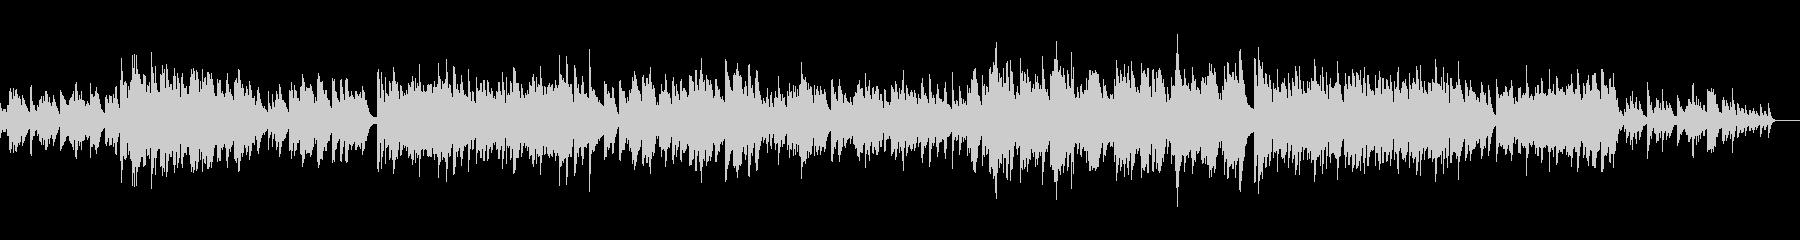 切ないメロディーが印象的なピアノの未再生の波形